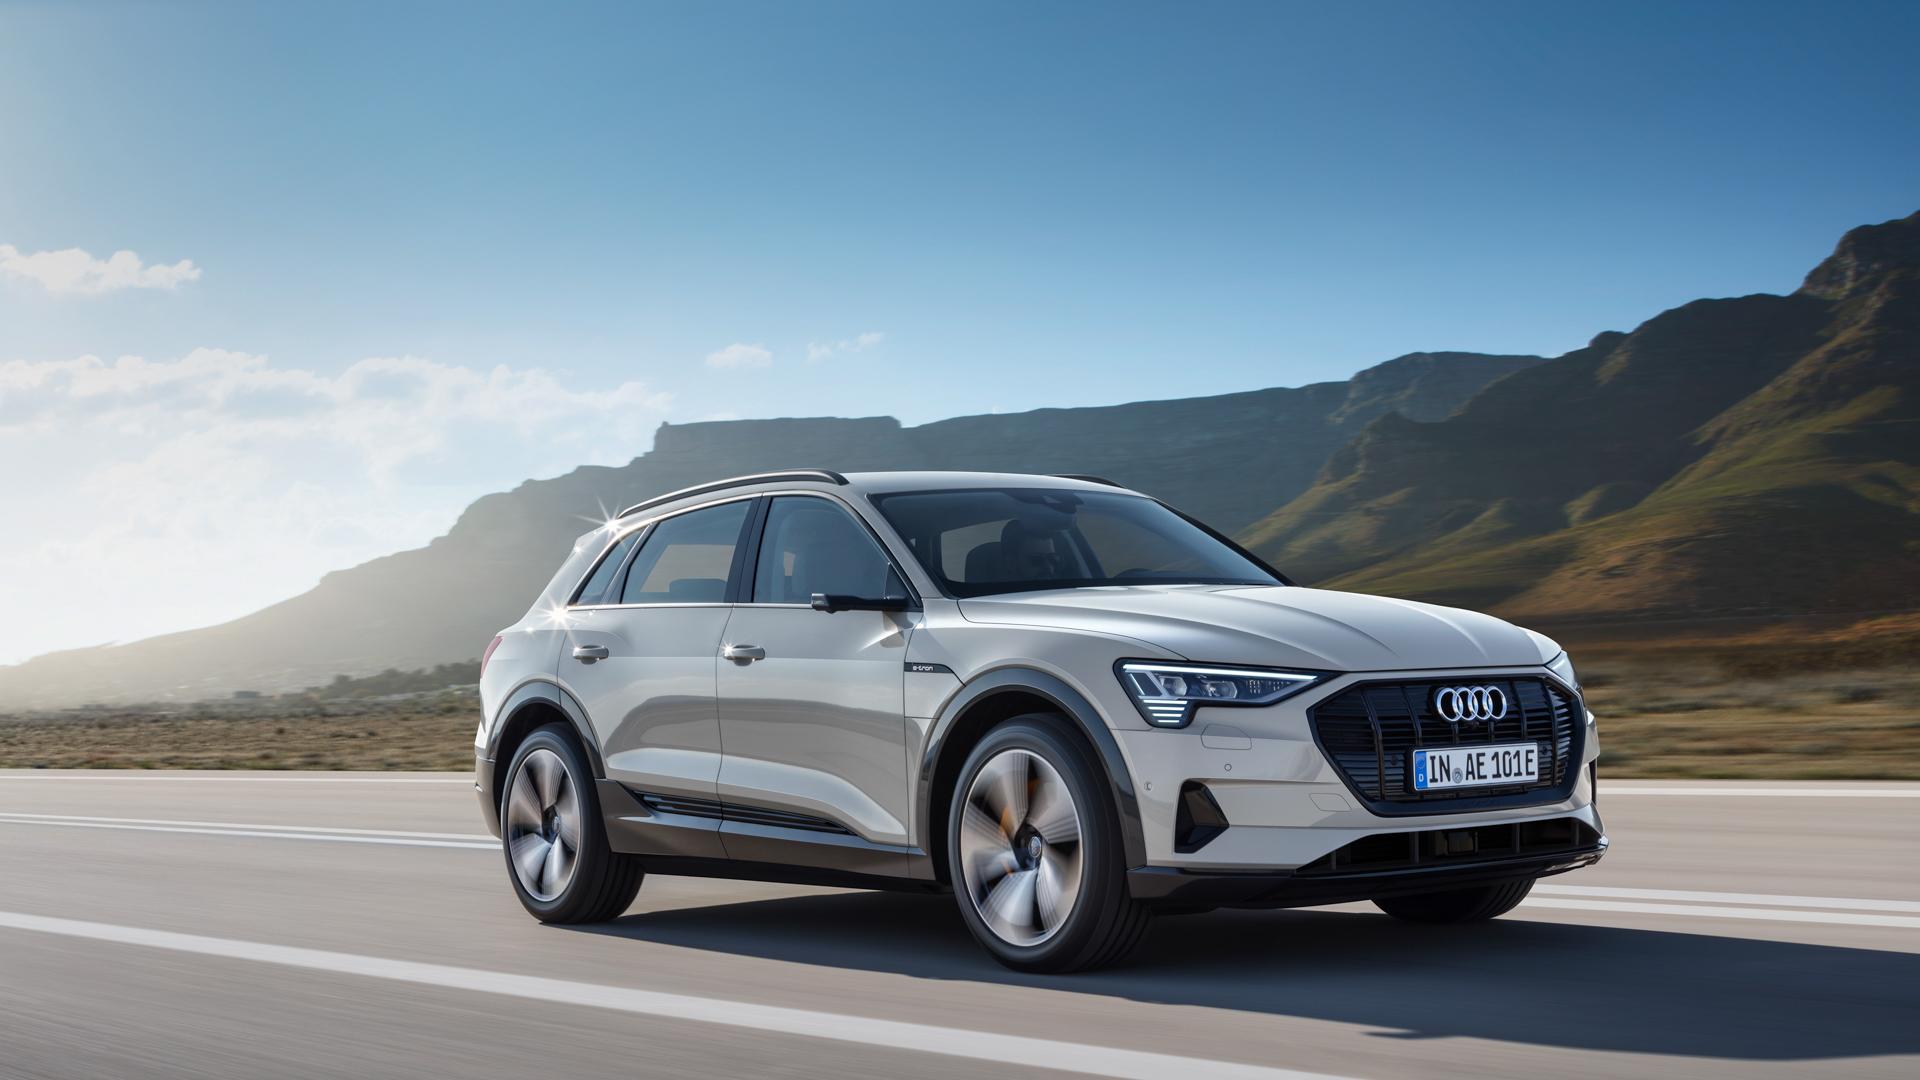 Audi estaría preparando un A3 con aspecto off-road